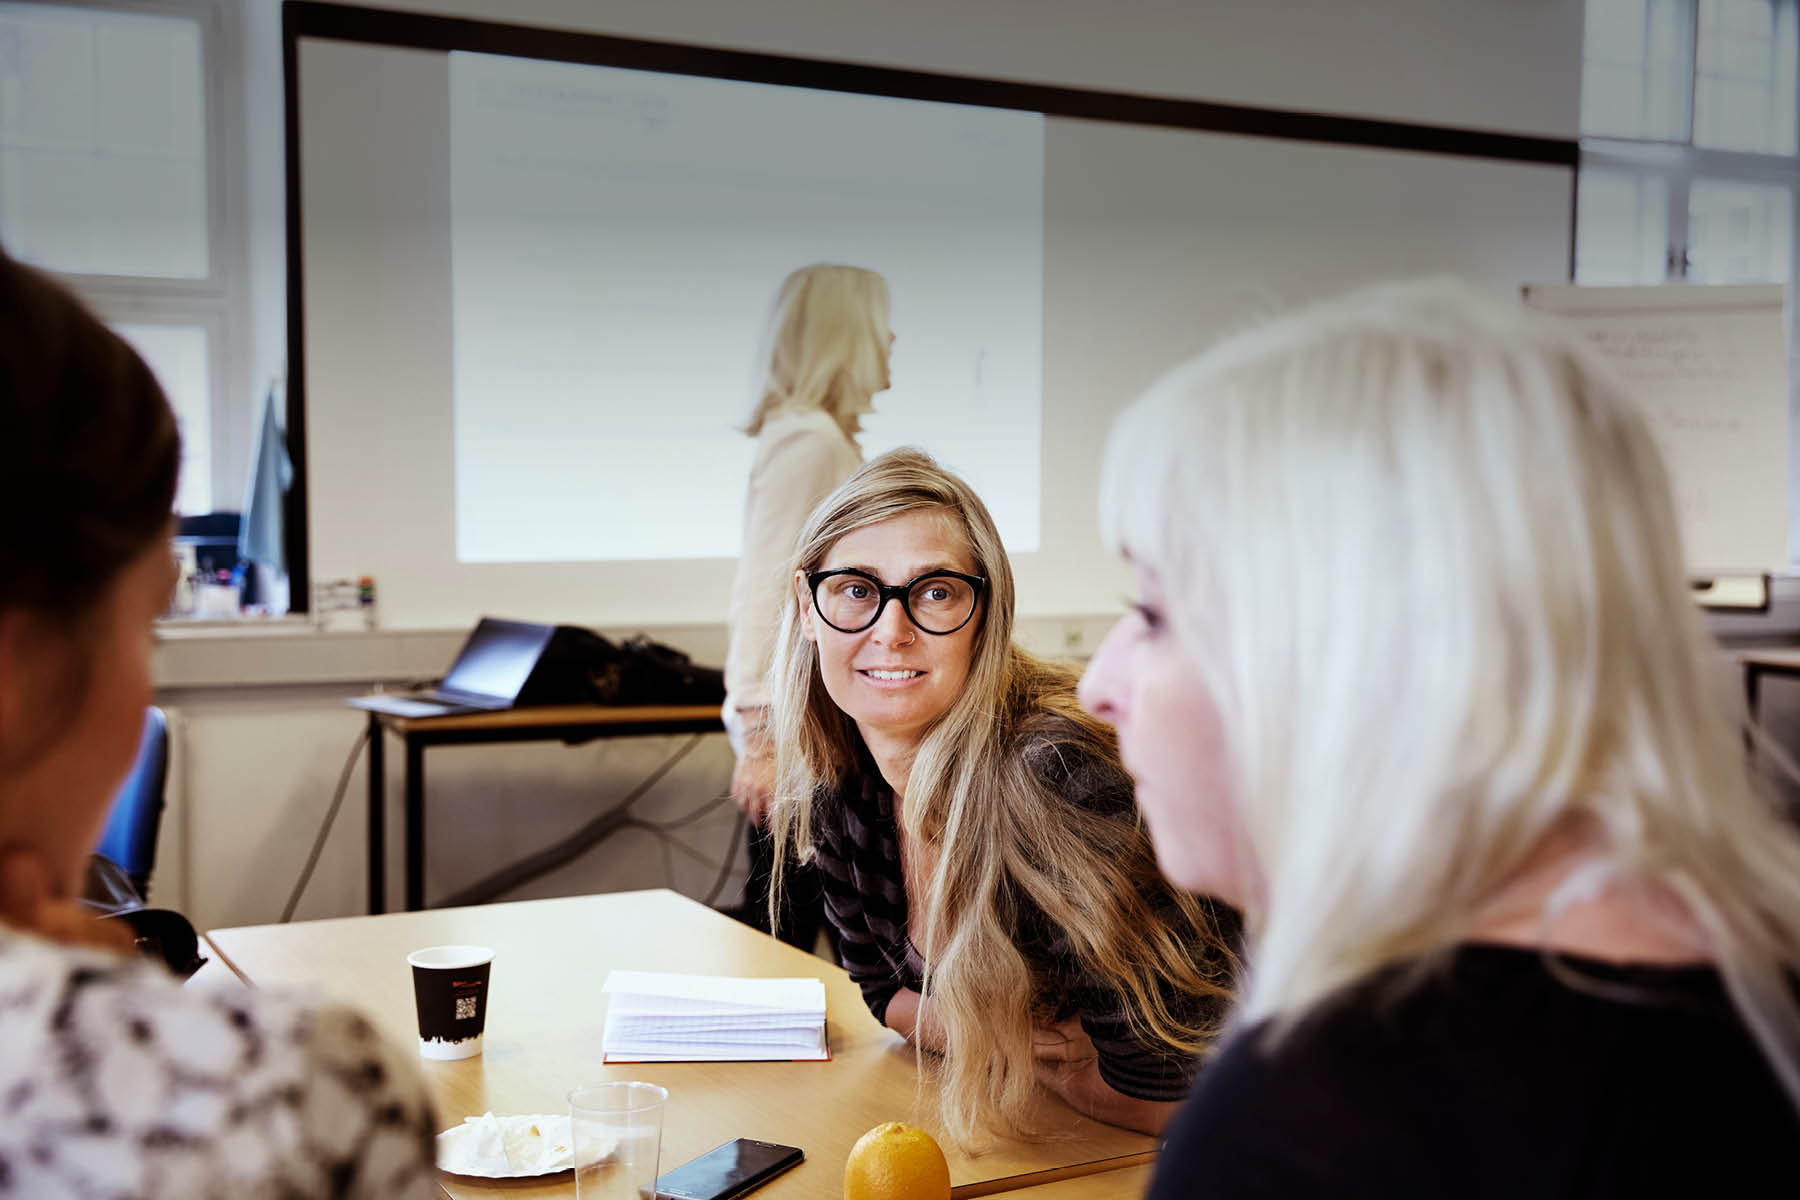 Kvinde sidder og løser gruppearbejde til undervisning i et klasselokale